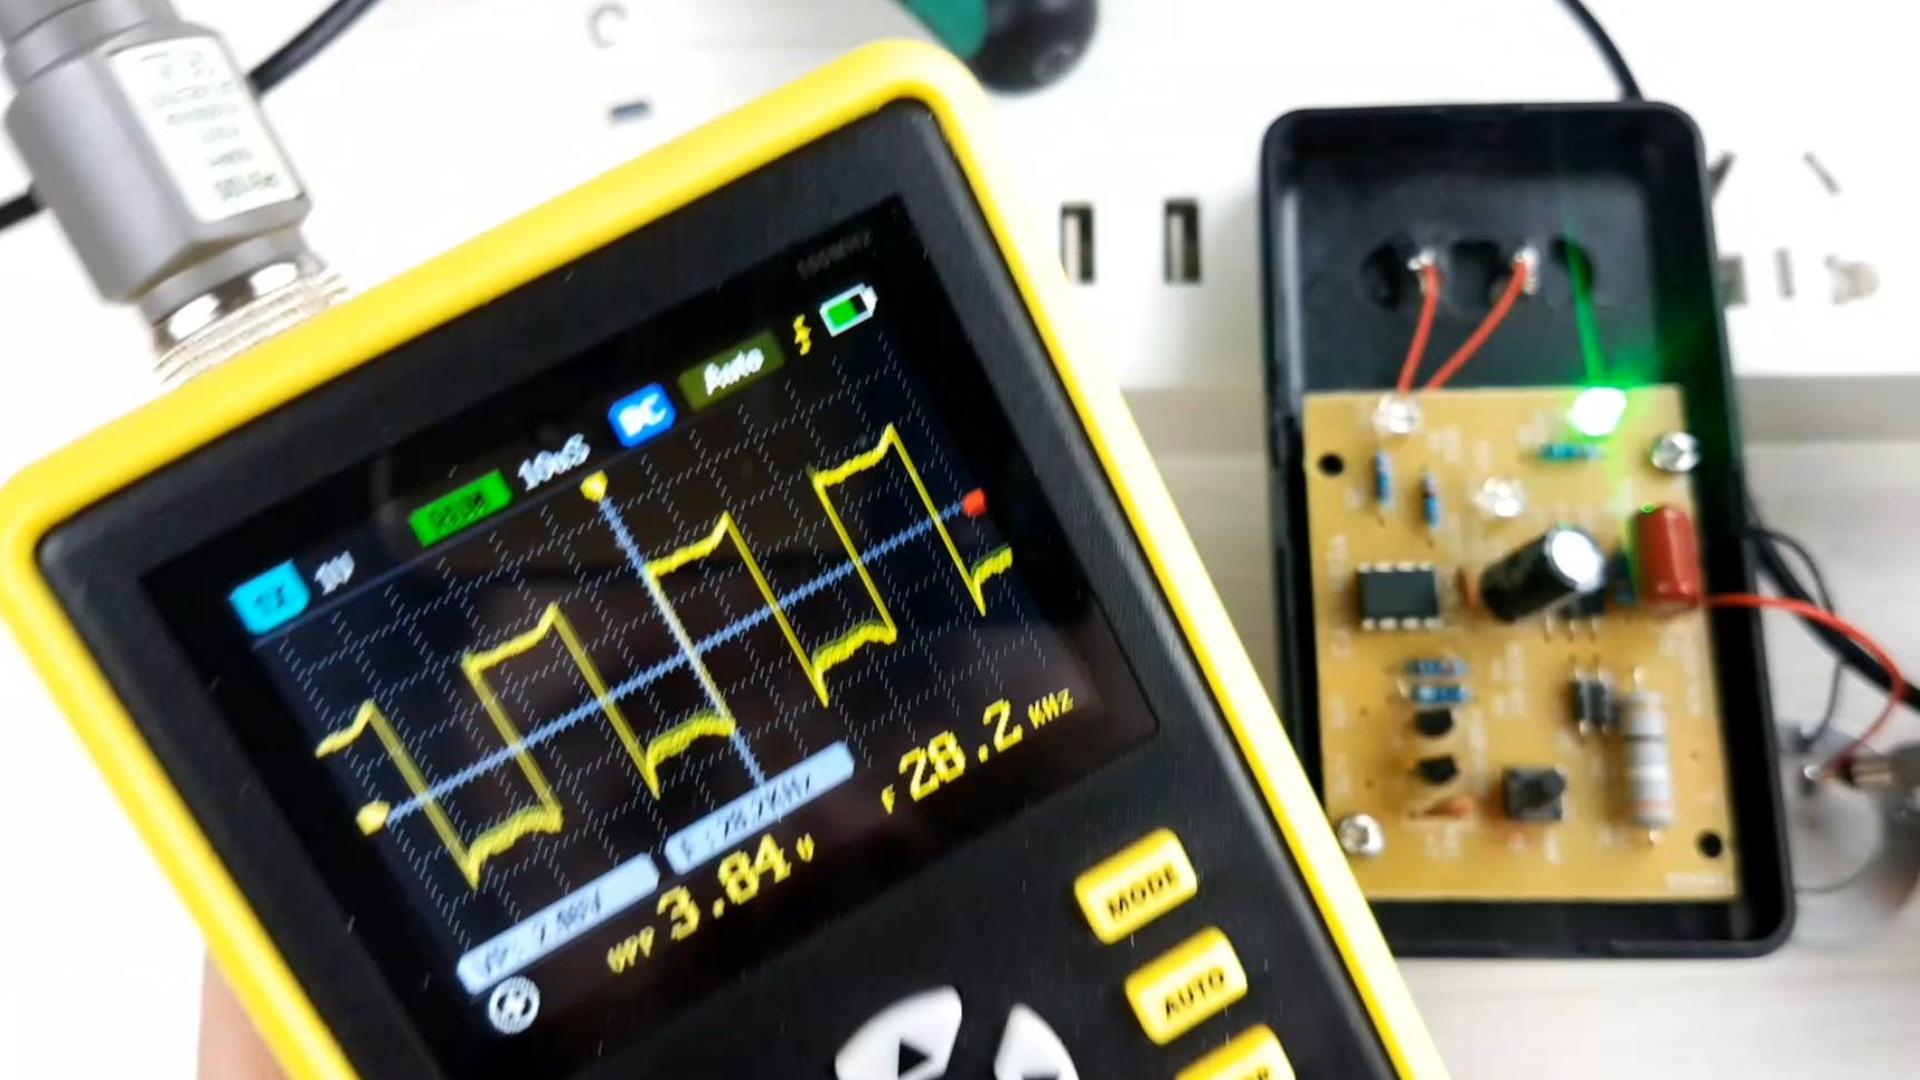 超声波驱鼠器,拆开用示波器量波形,站在老鼠的角度分析是否管用